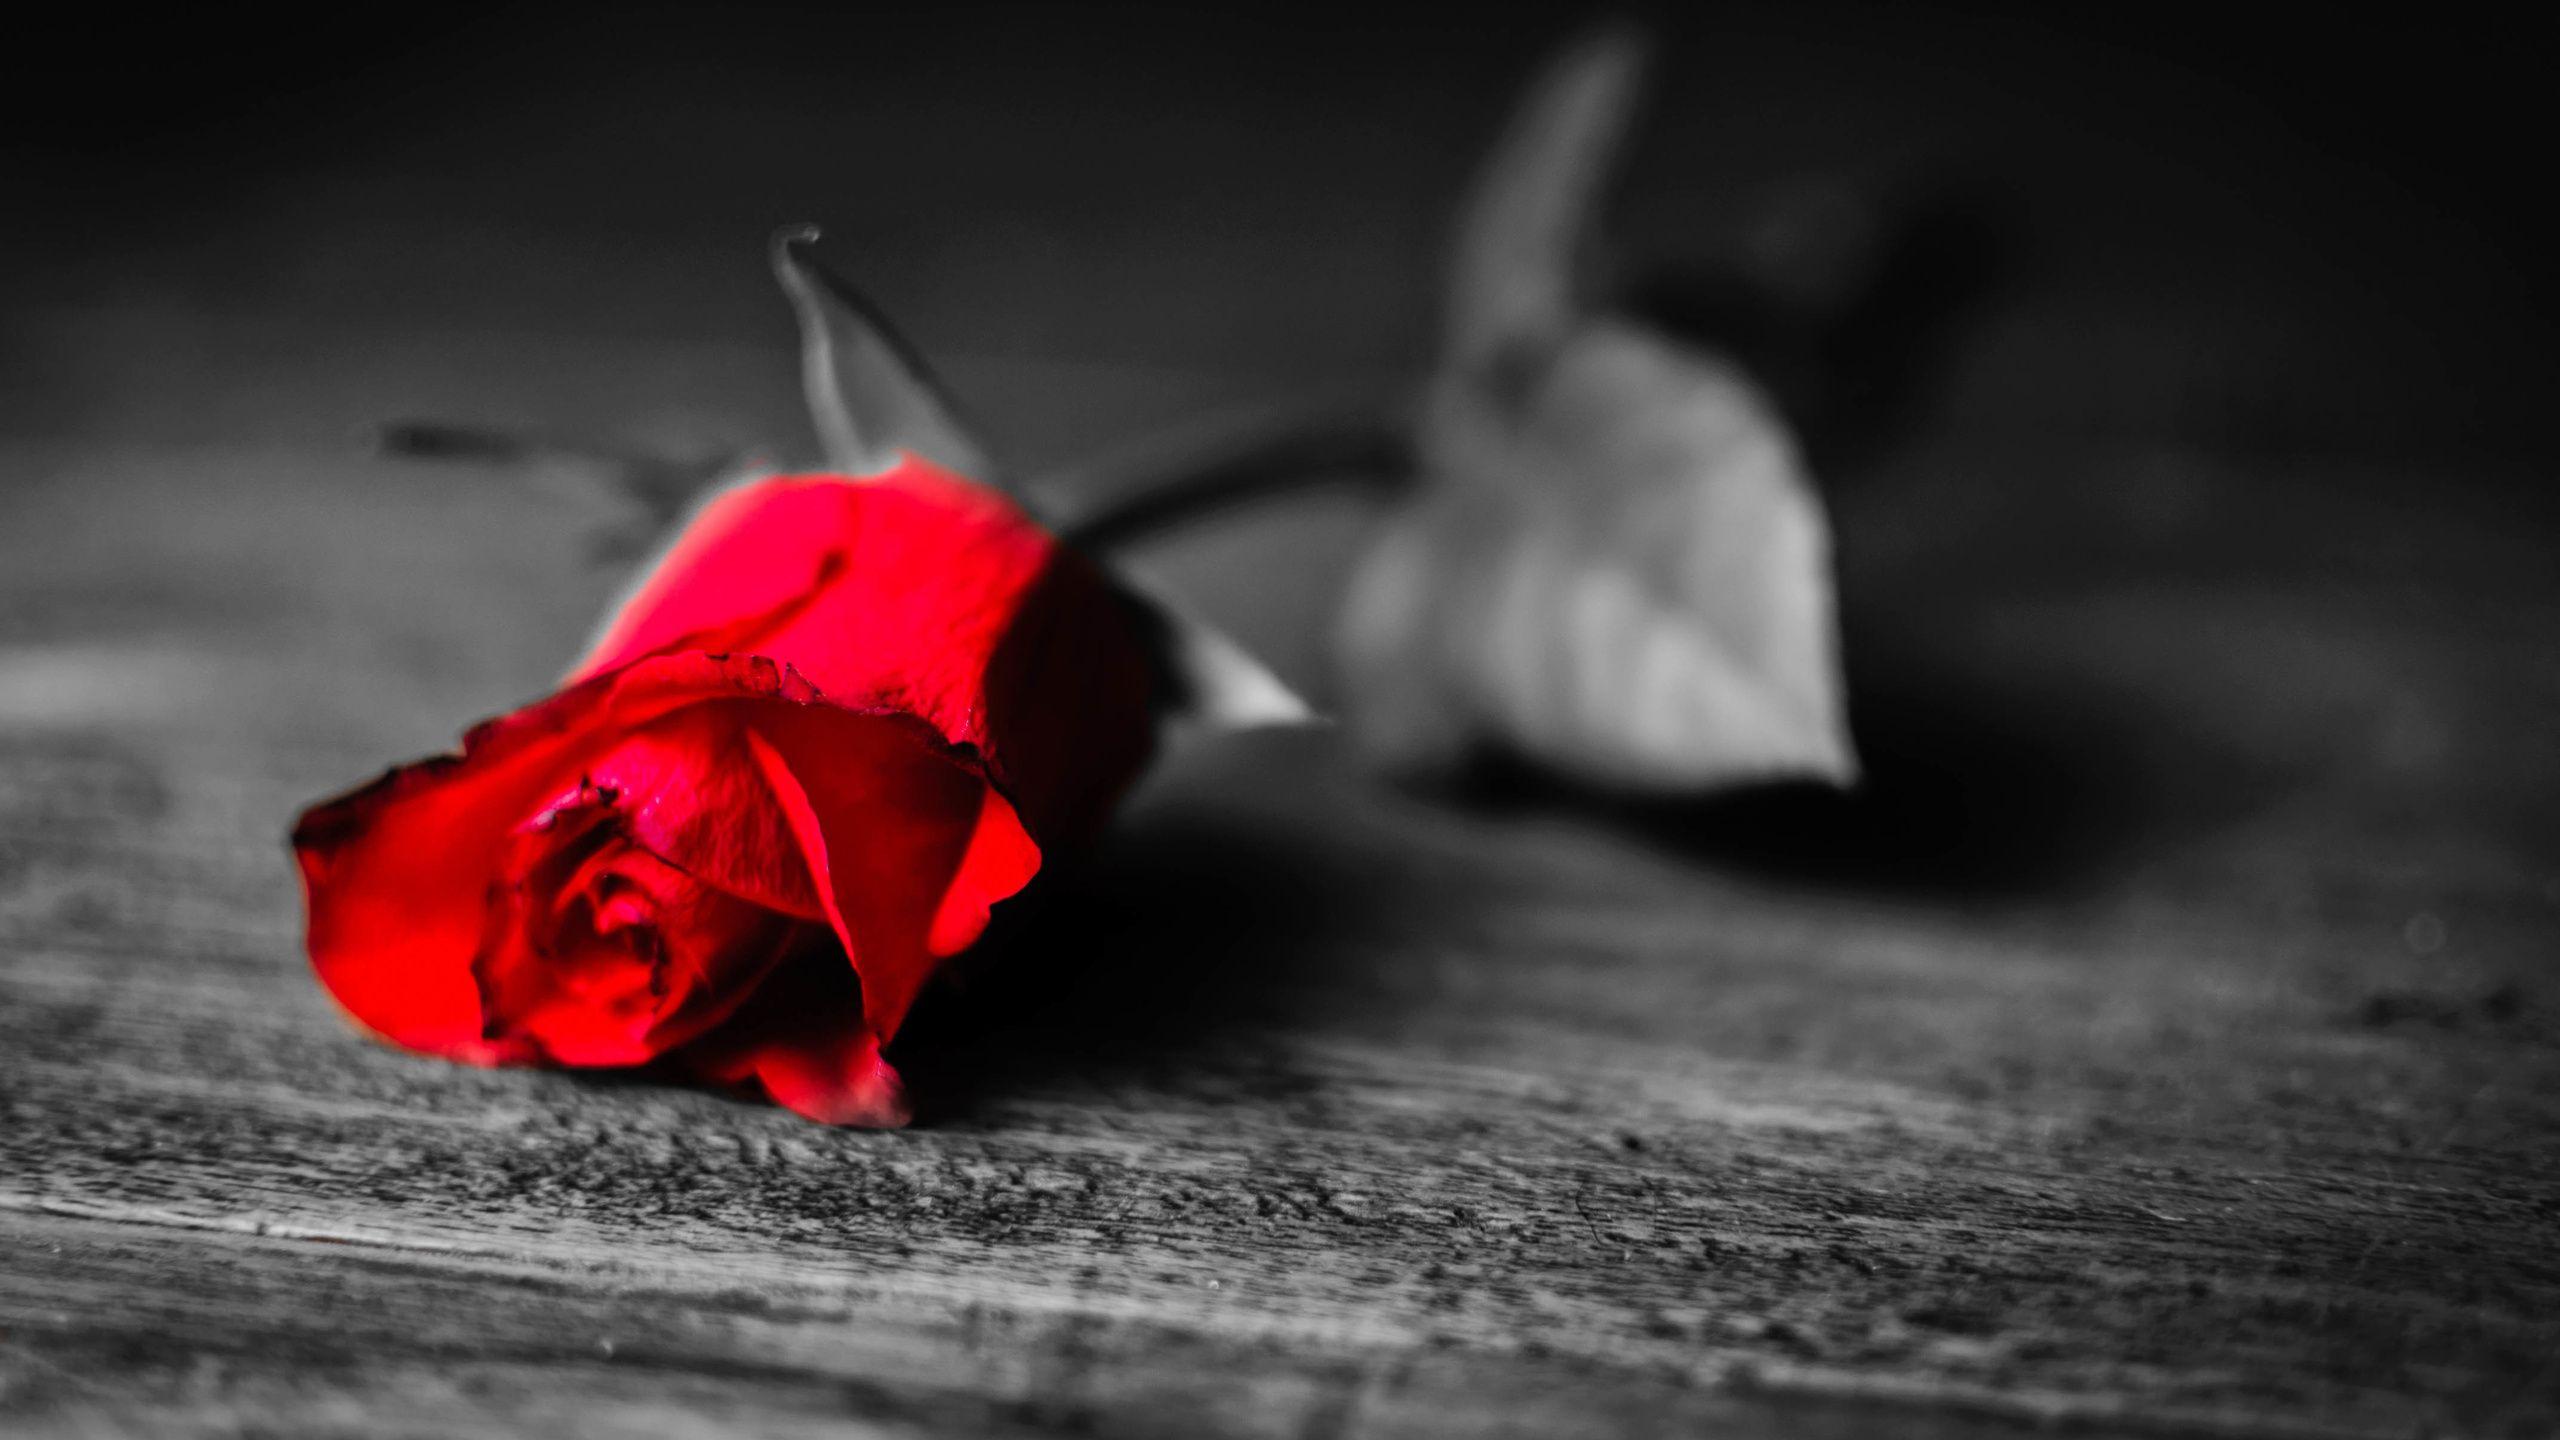 Fond D Ecran Hd Rose Rouge Beautiful Red Roses Red Roses Wallpaper Iphone Roses